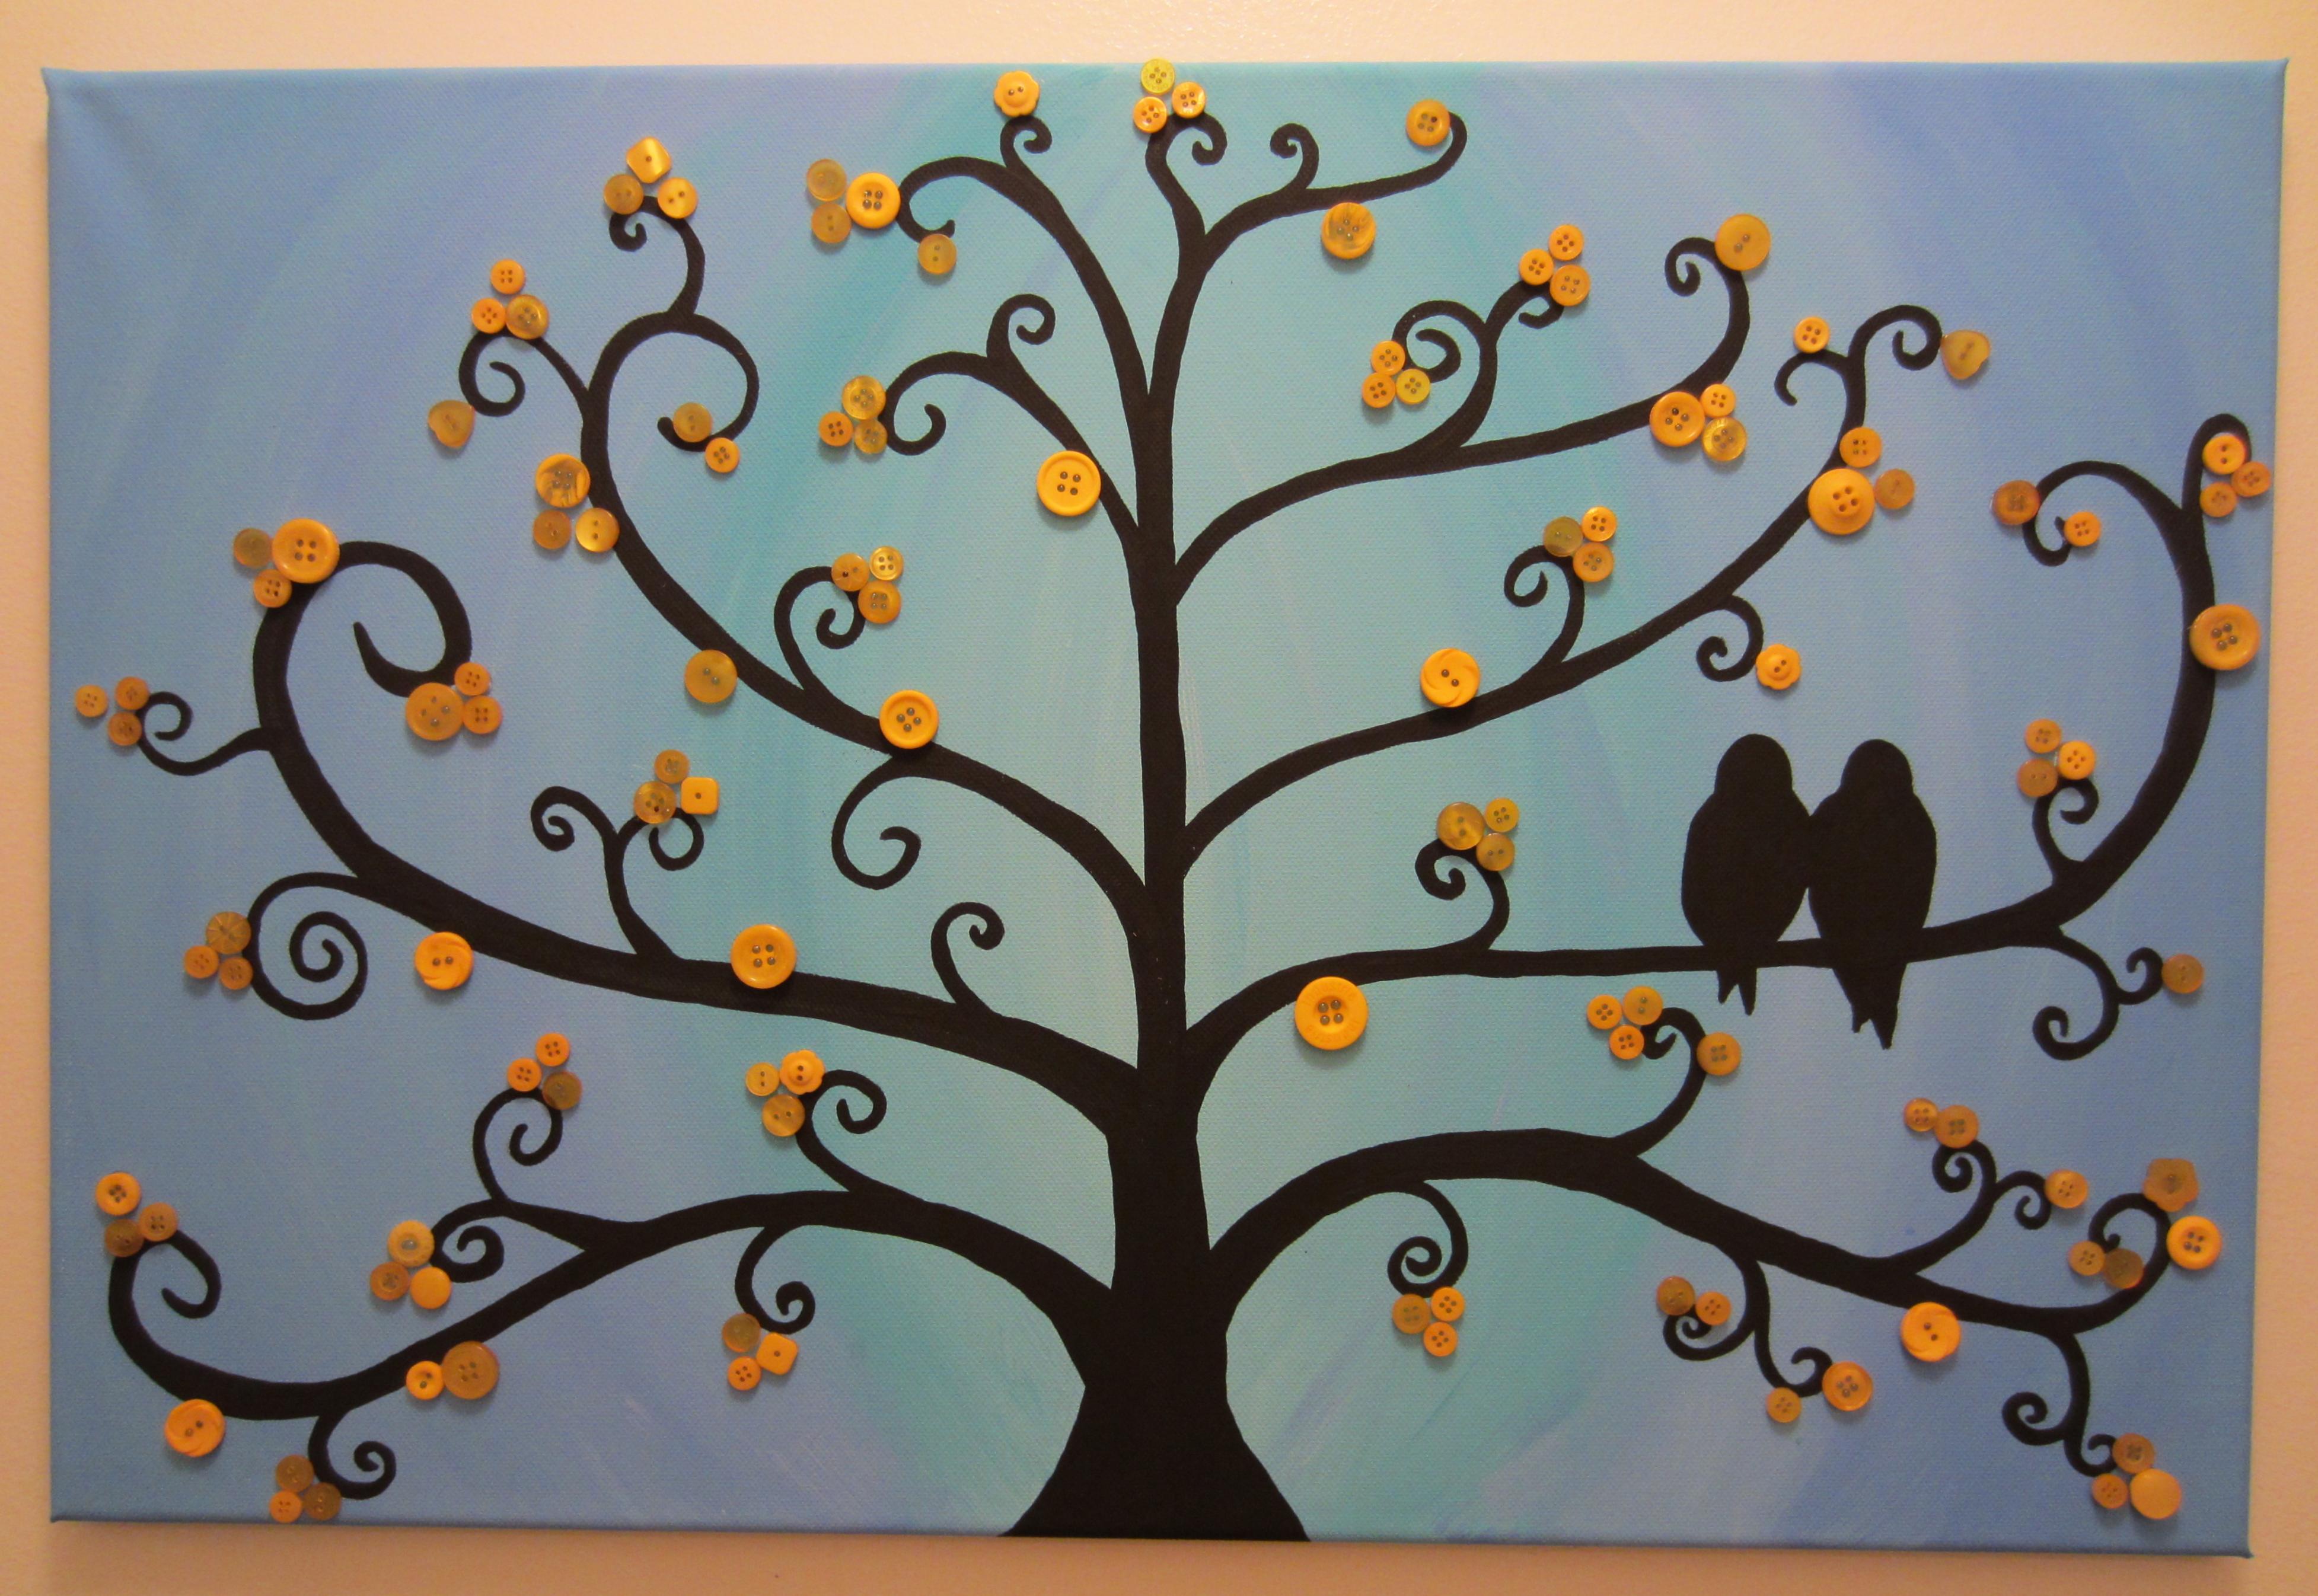 Galer a de im genes paredes trukos - Como hacer cuadros con botones ...